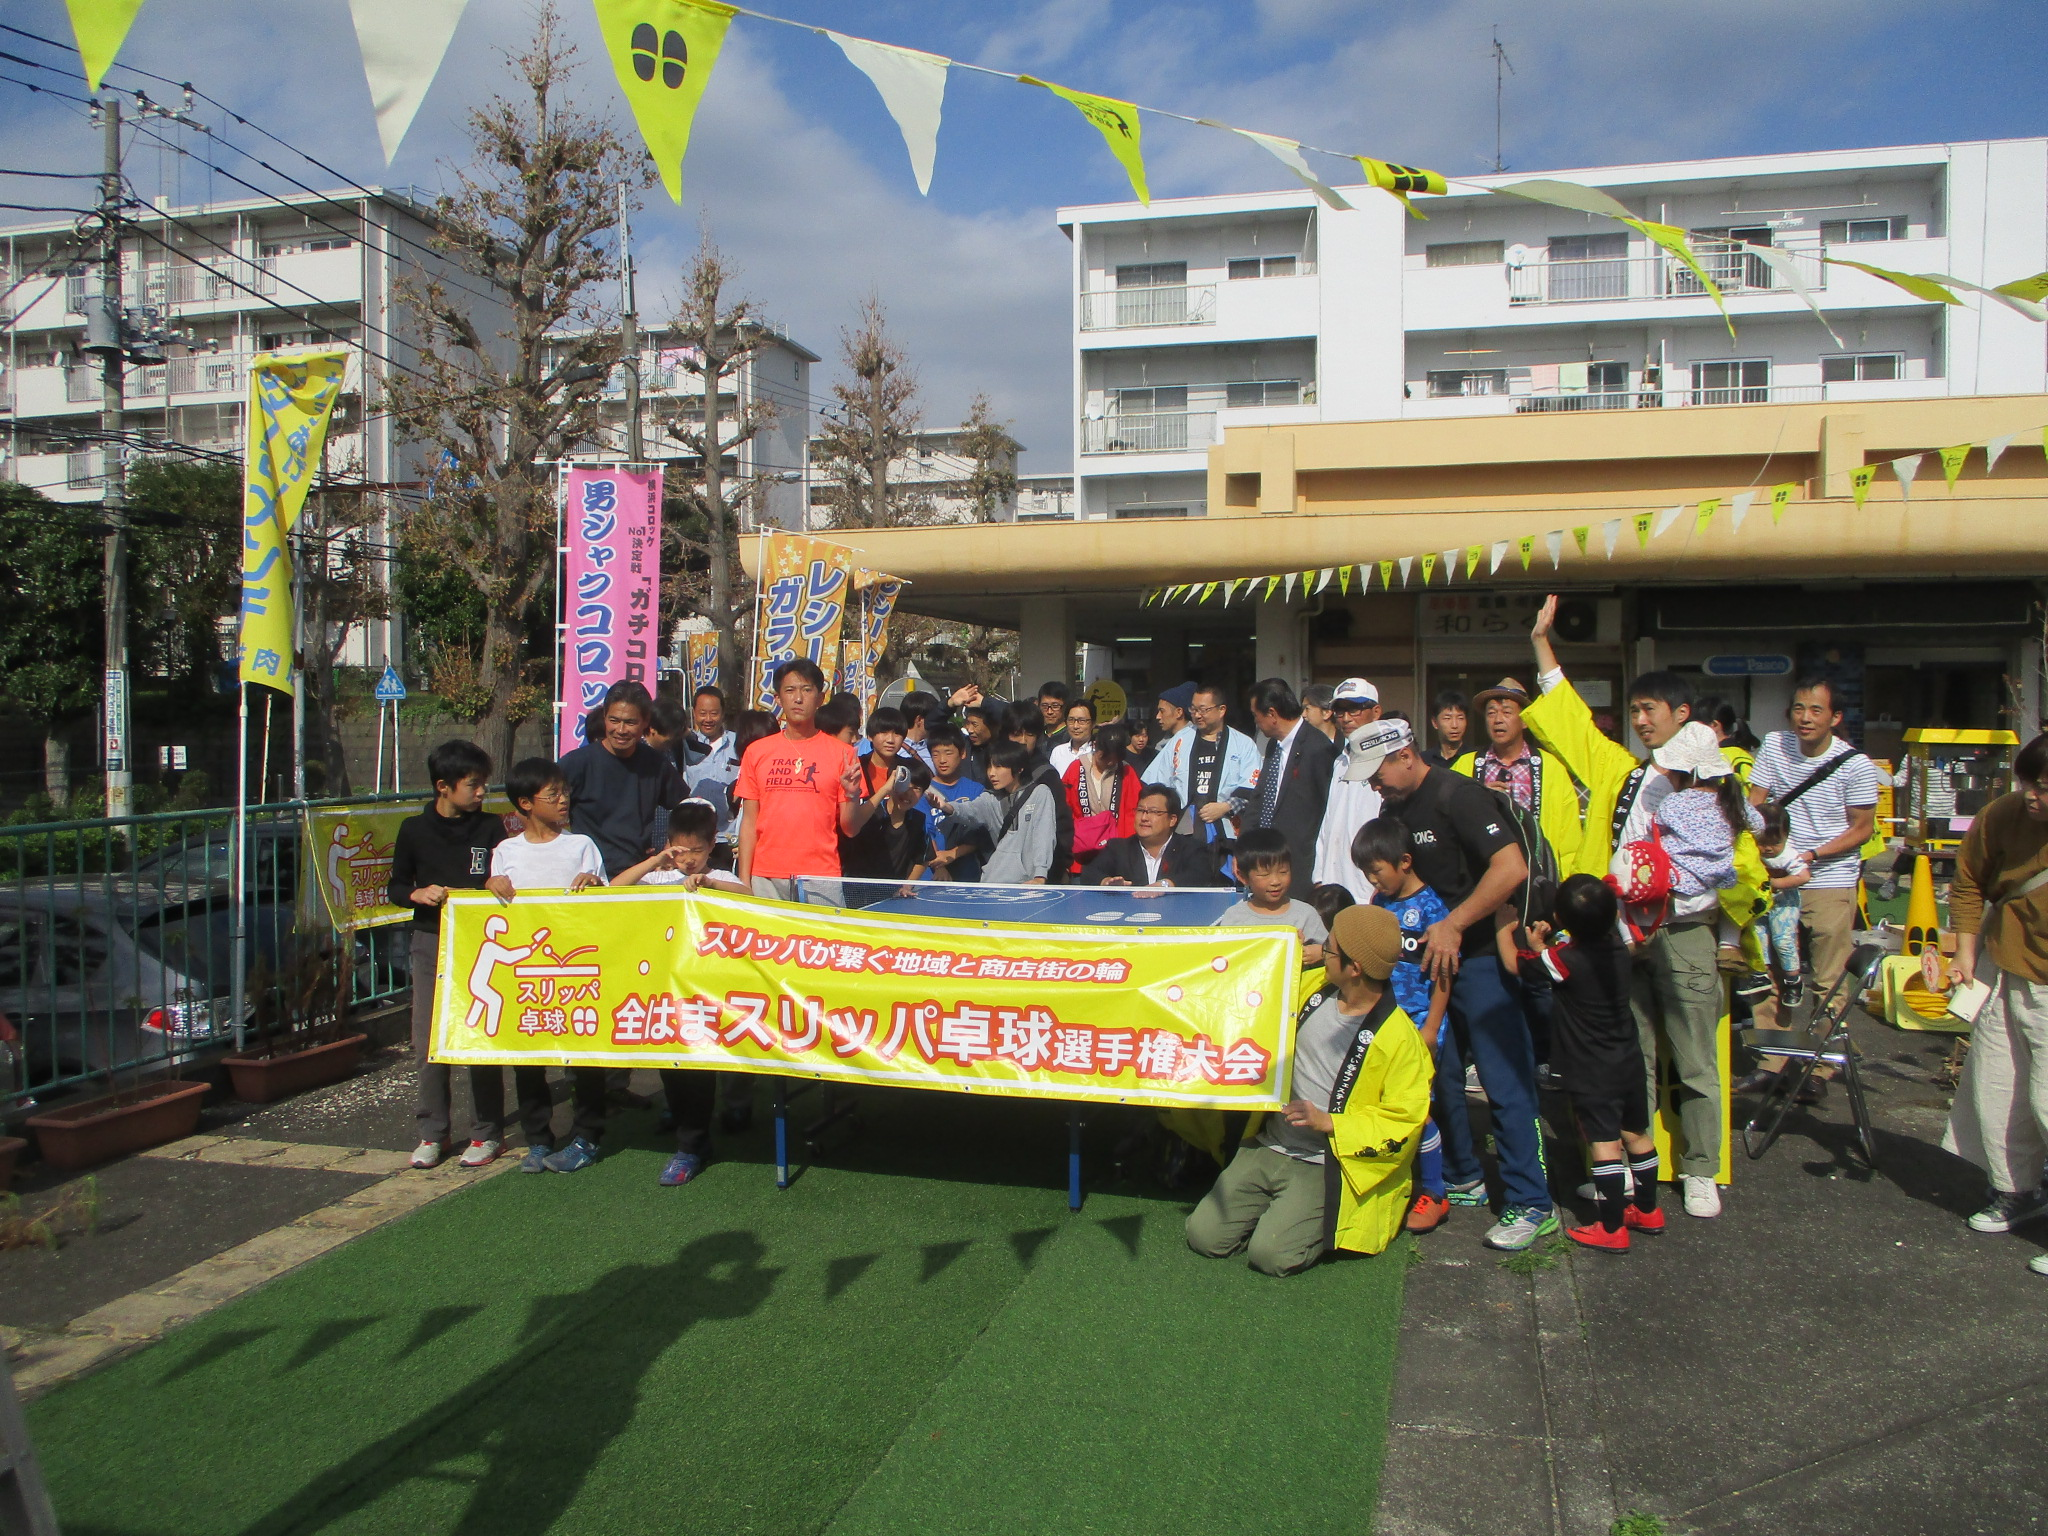 スリッパ卓球選手権大会 開催しました!